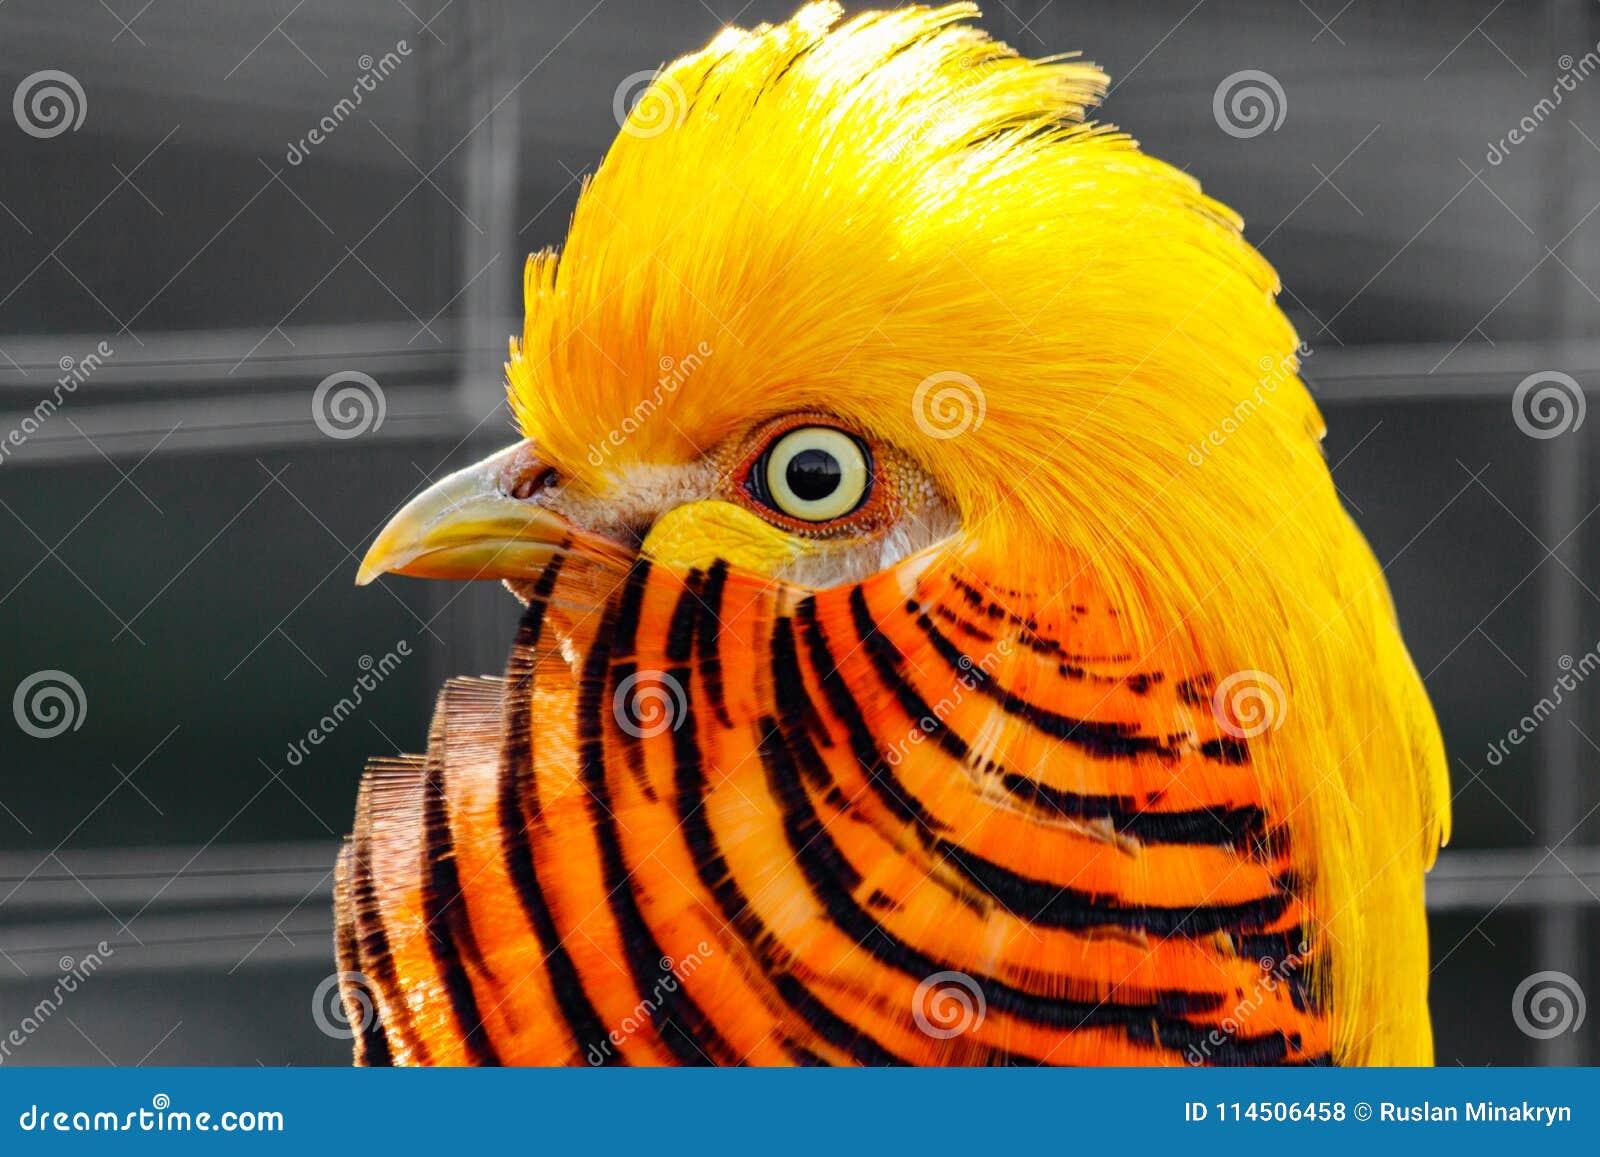 黄色图成人_美丽的黄色锦鸡. 图象, beautifuler.